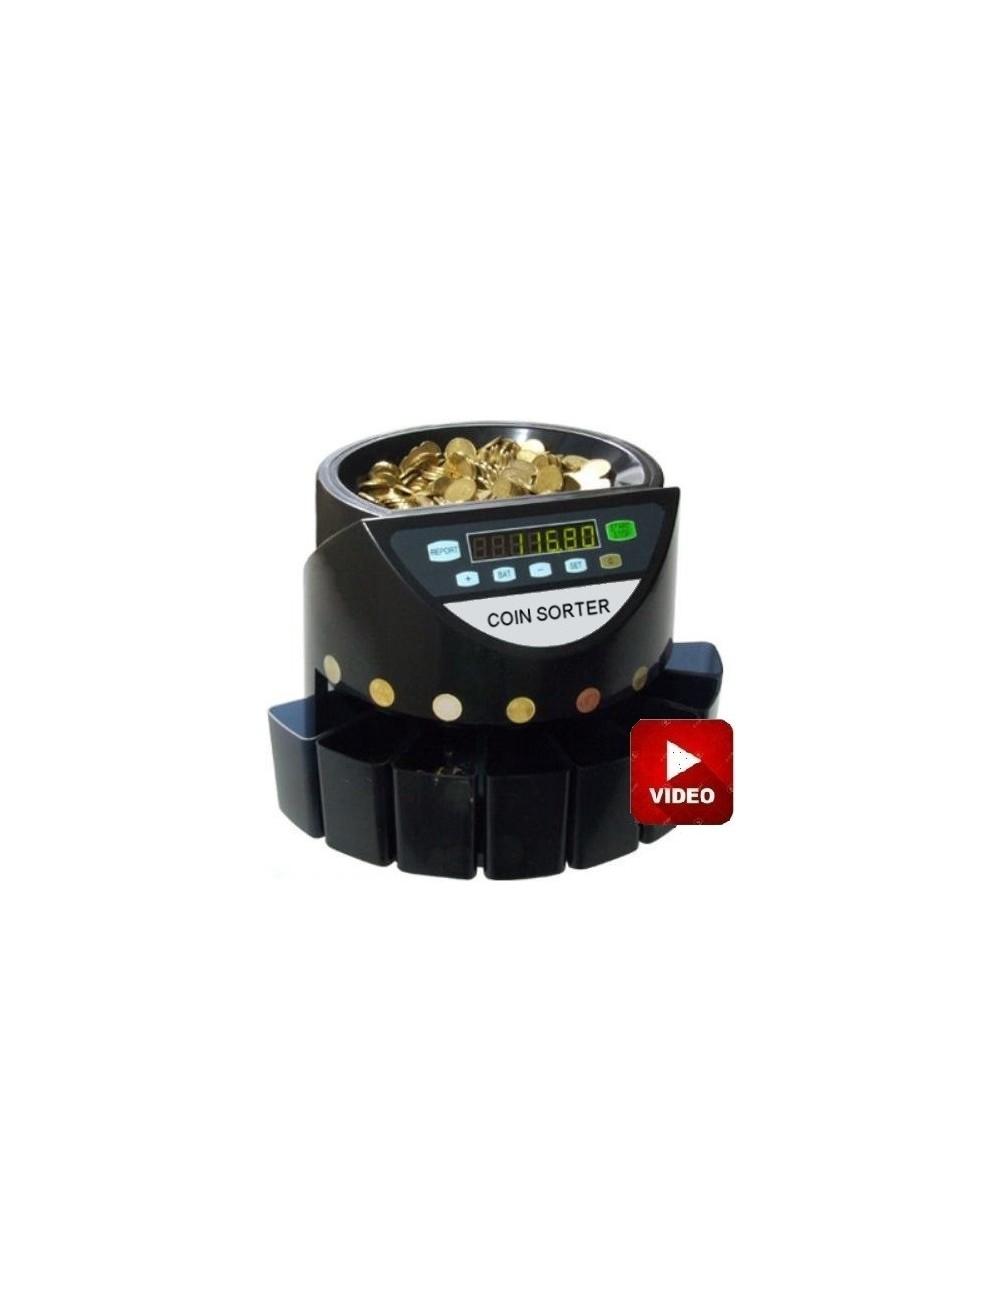 Καταμετρητής & Διαχωριστής Κερμάτων PCD 270,Δώρο 2 Στυλό Ανίχνευσης Πλαστών Χαρτονομισμάτων